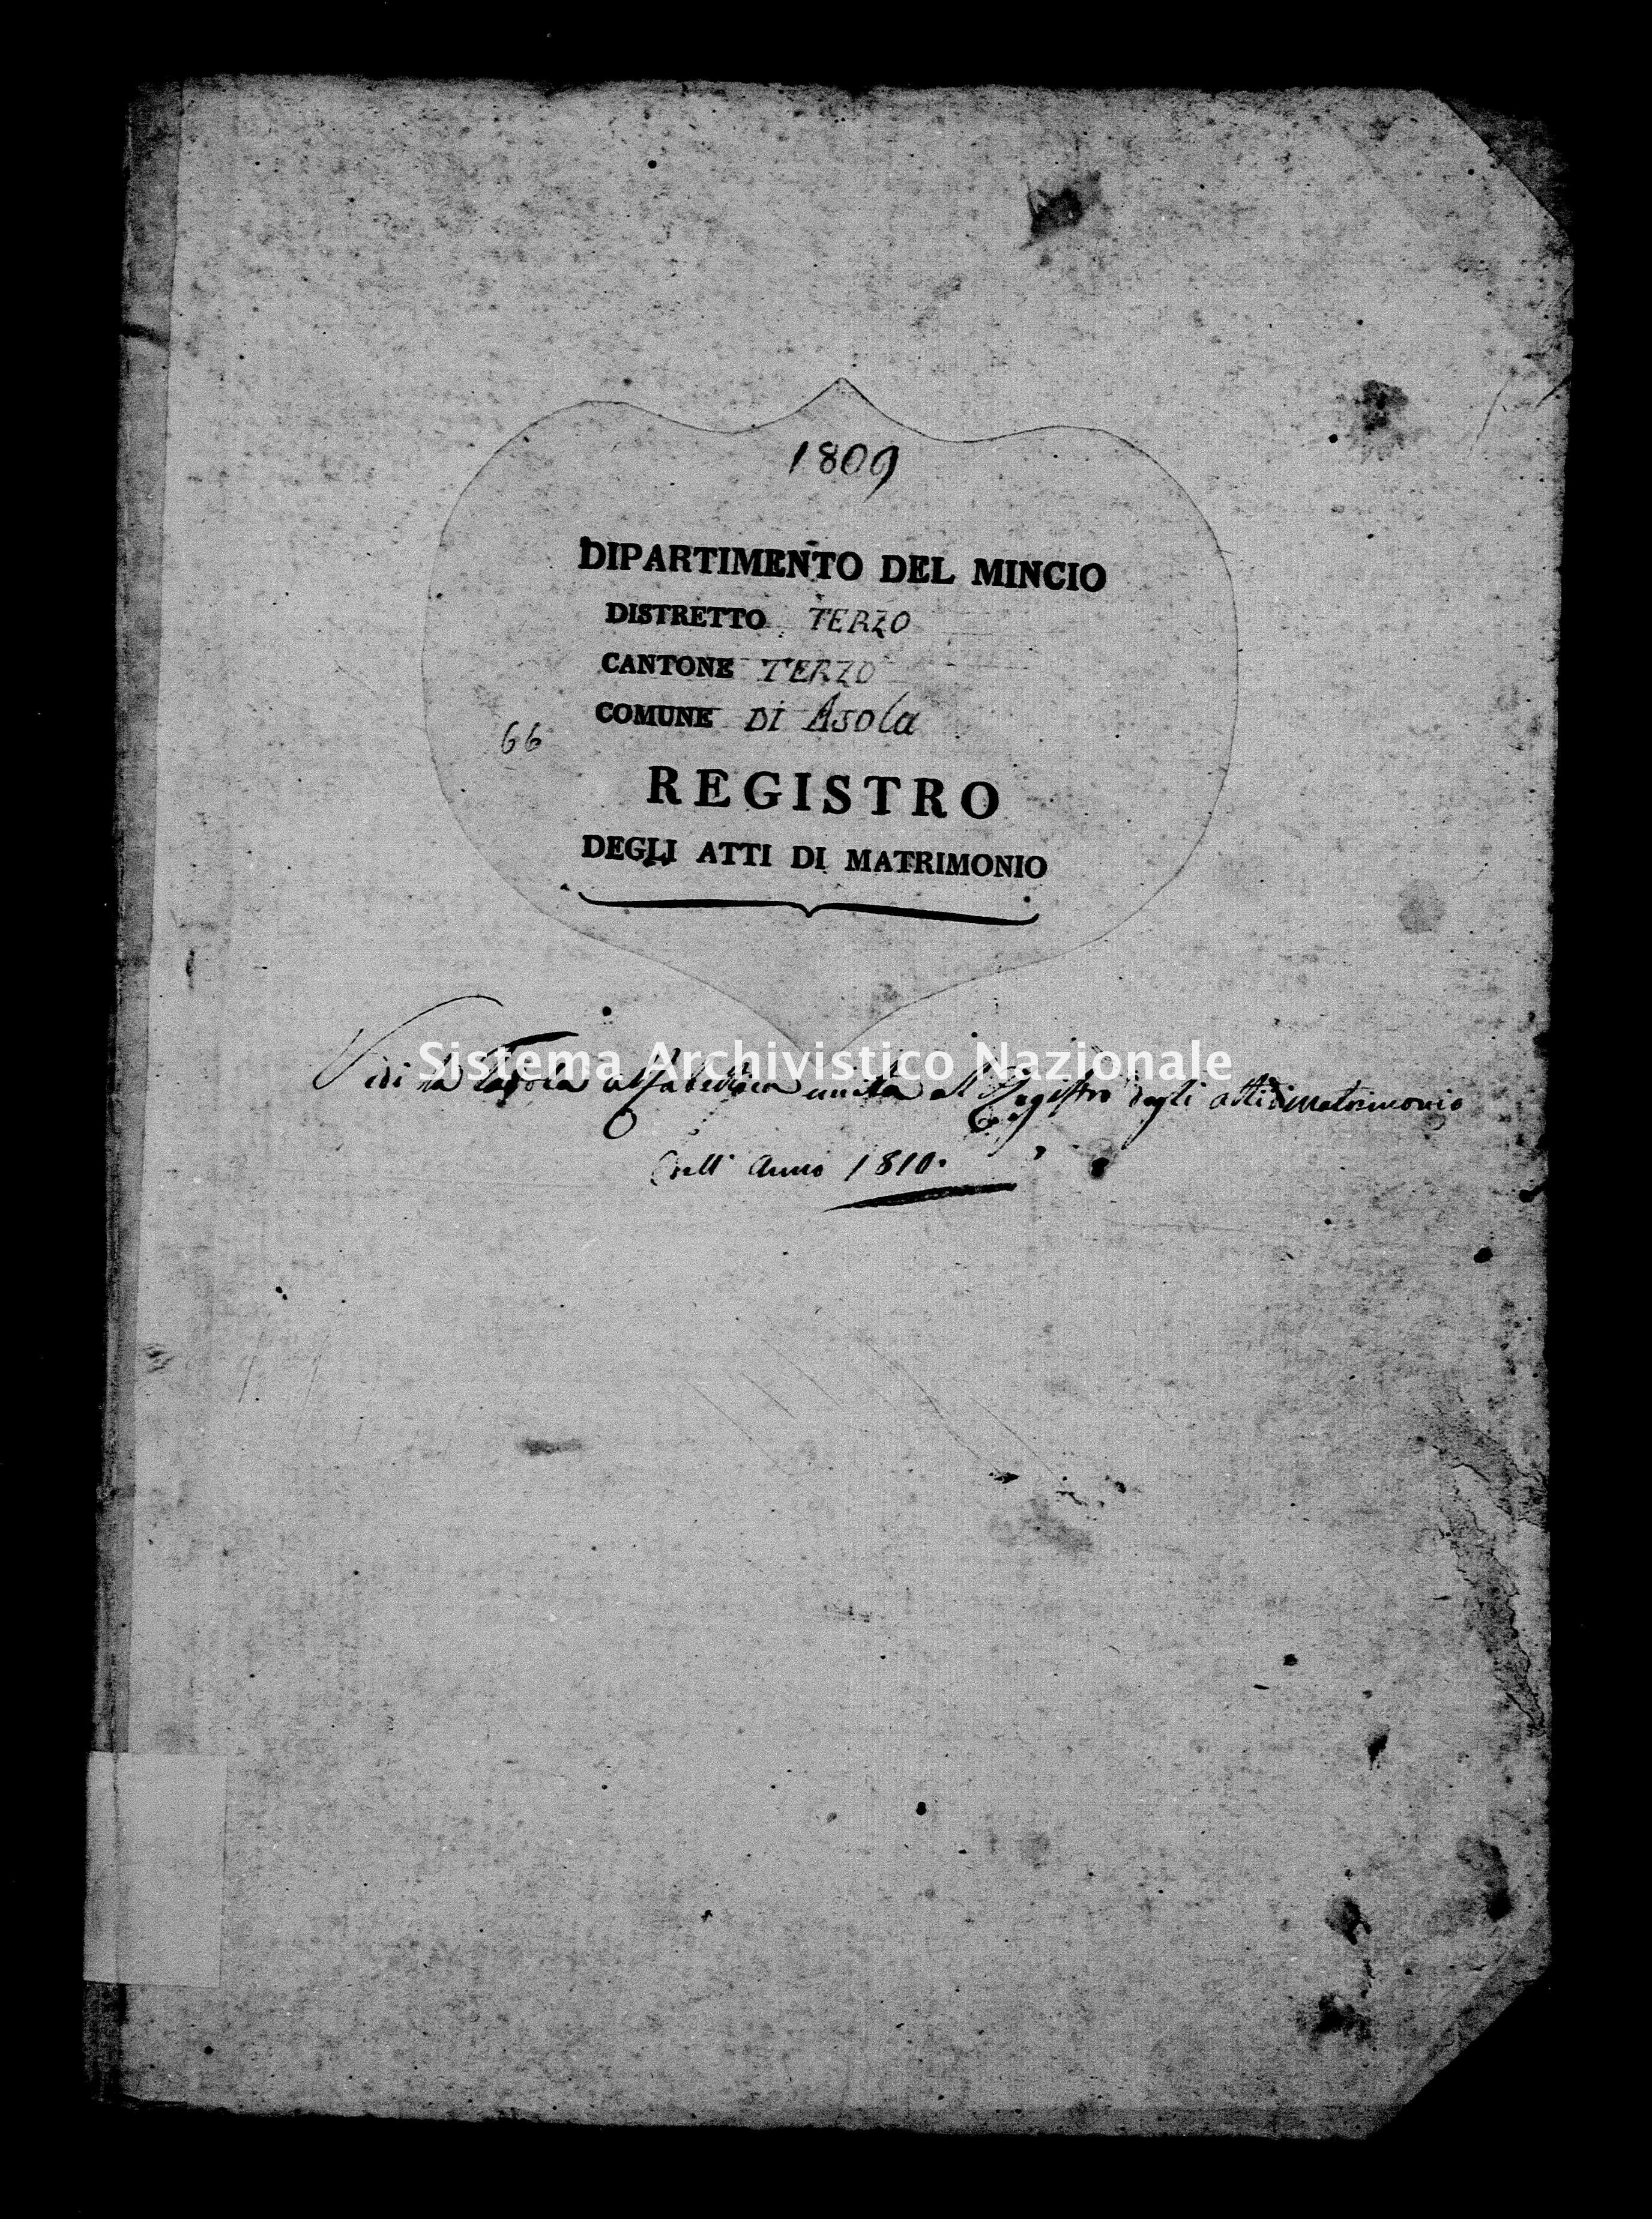 Archivio di stato di Mantova - Stato civile e anagrafe del Dipartimento del Mincio - Asola - Matrimoni - 1809 - 66 -